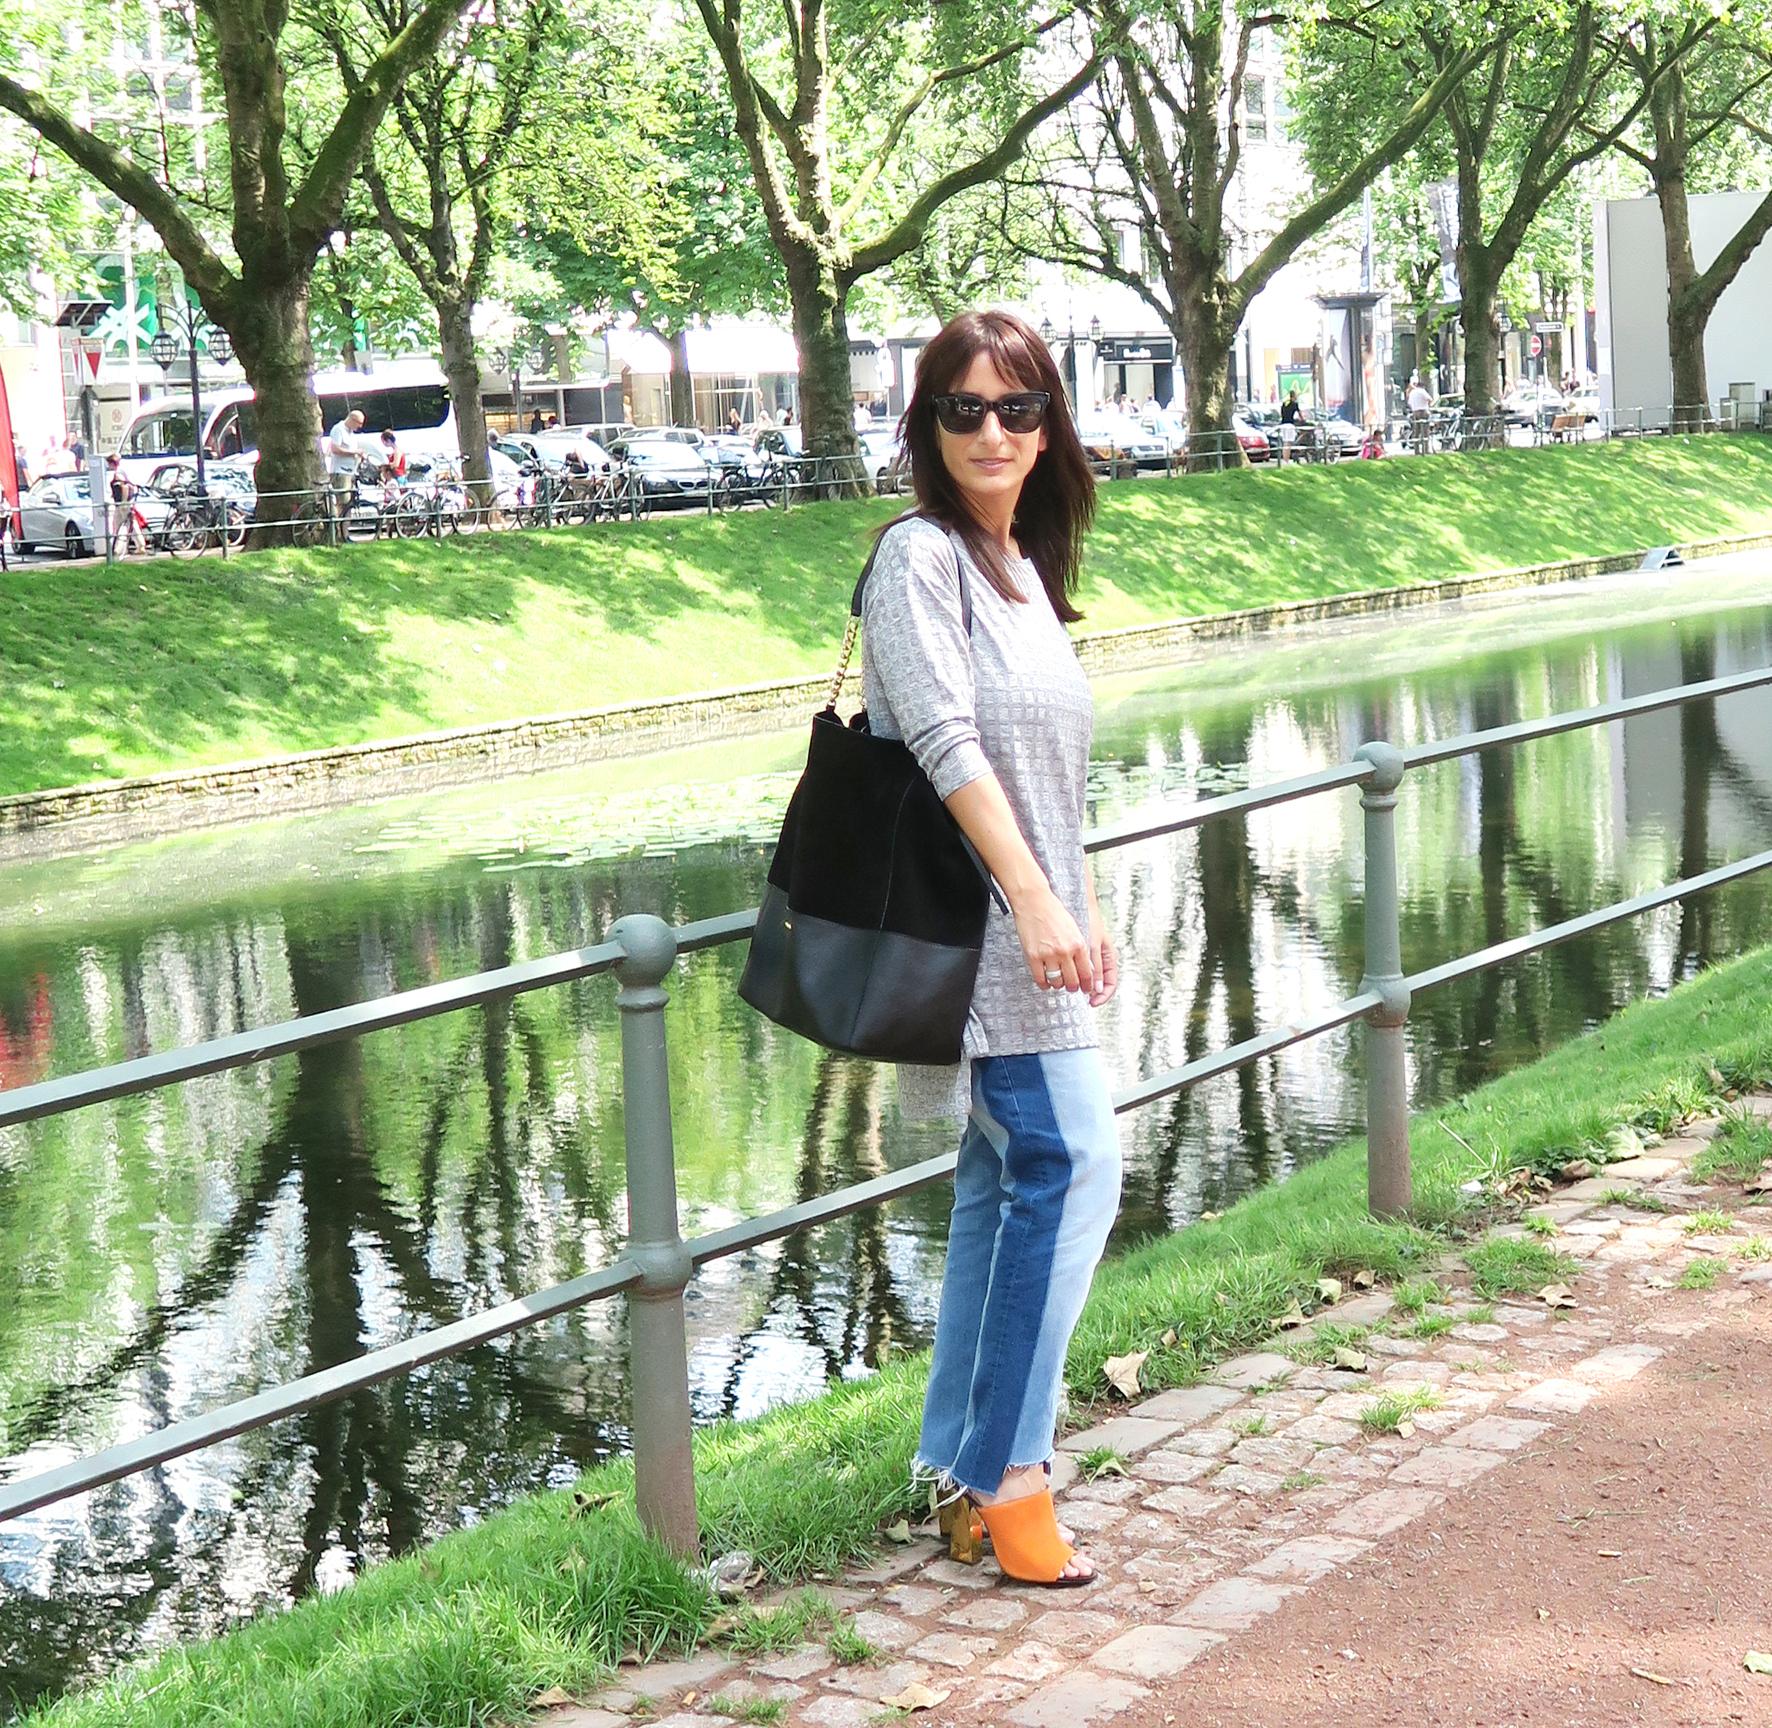 Streetstyle-düsseldorf-paris-blogger-fashionweek-mode-style-mules-trend-modesalat-7